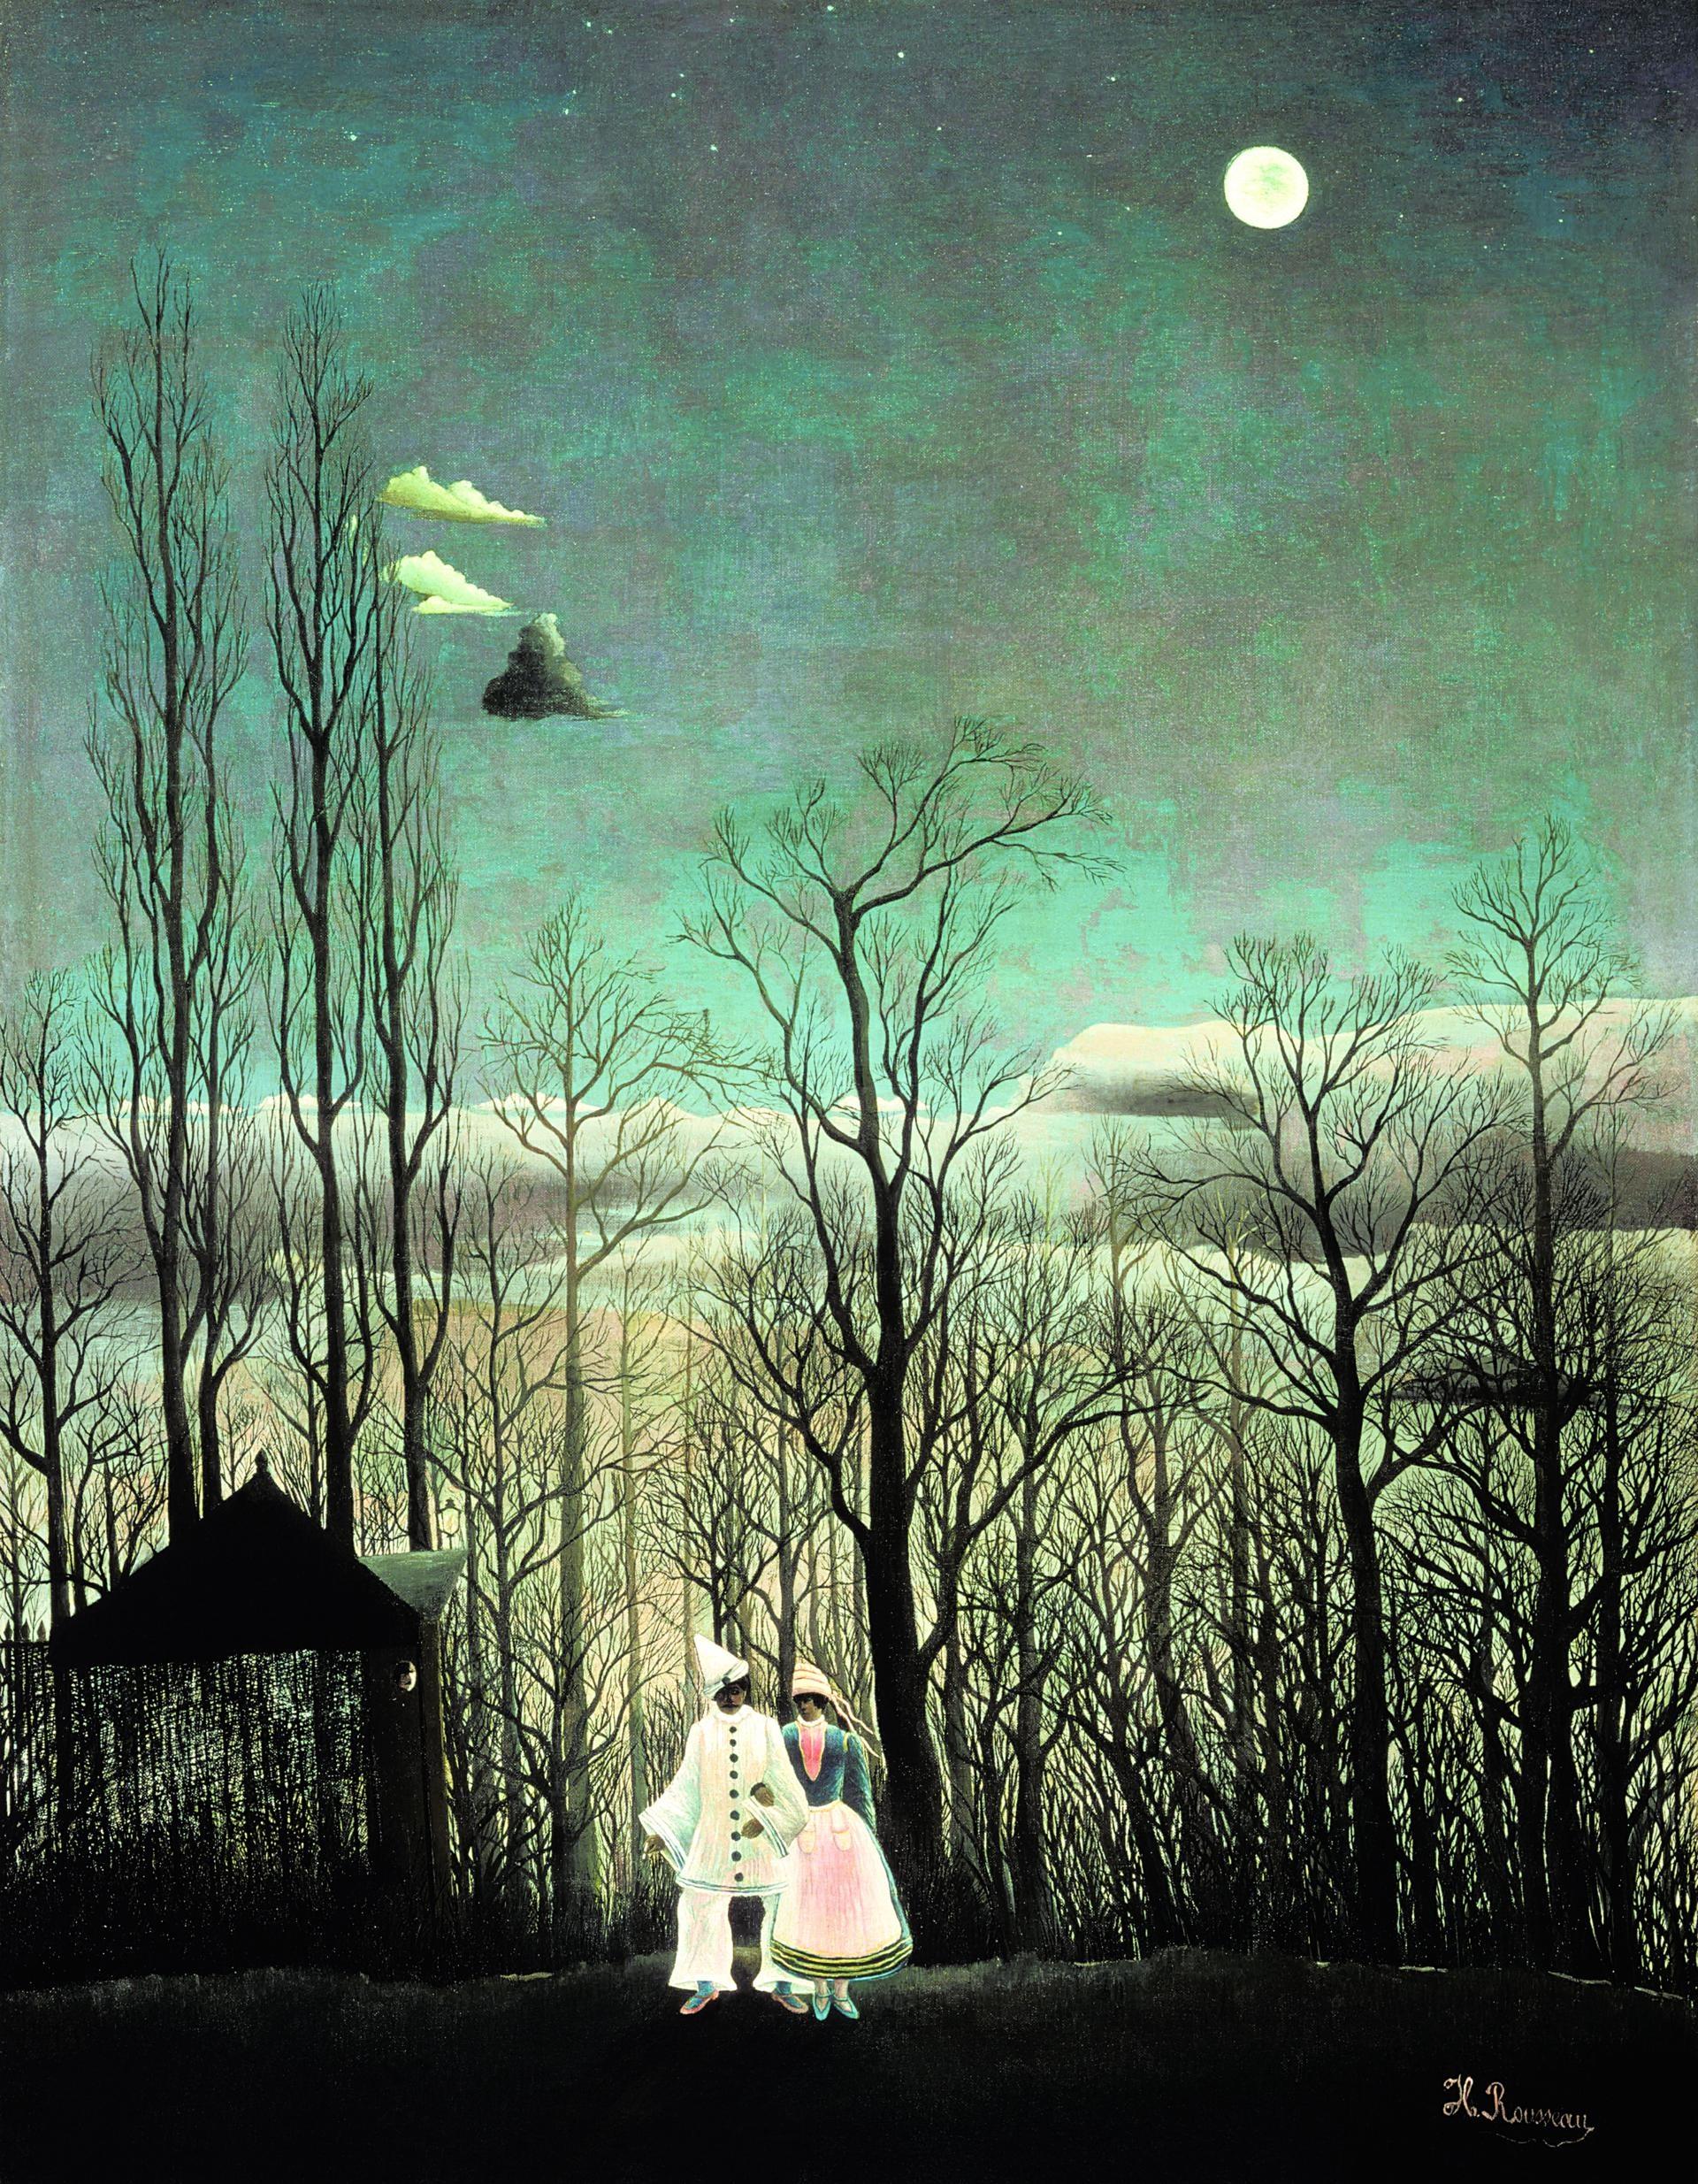 0009_卢梭_17卢梭狂欢节之夜(90x70)-世界名画高清调色版套图20幅TIF_4134x5315PX_TIF_150DPI_65_0